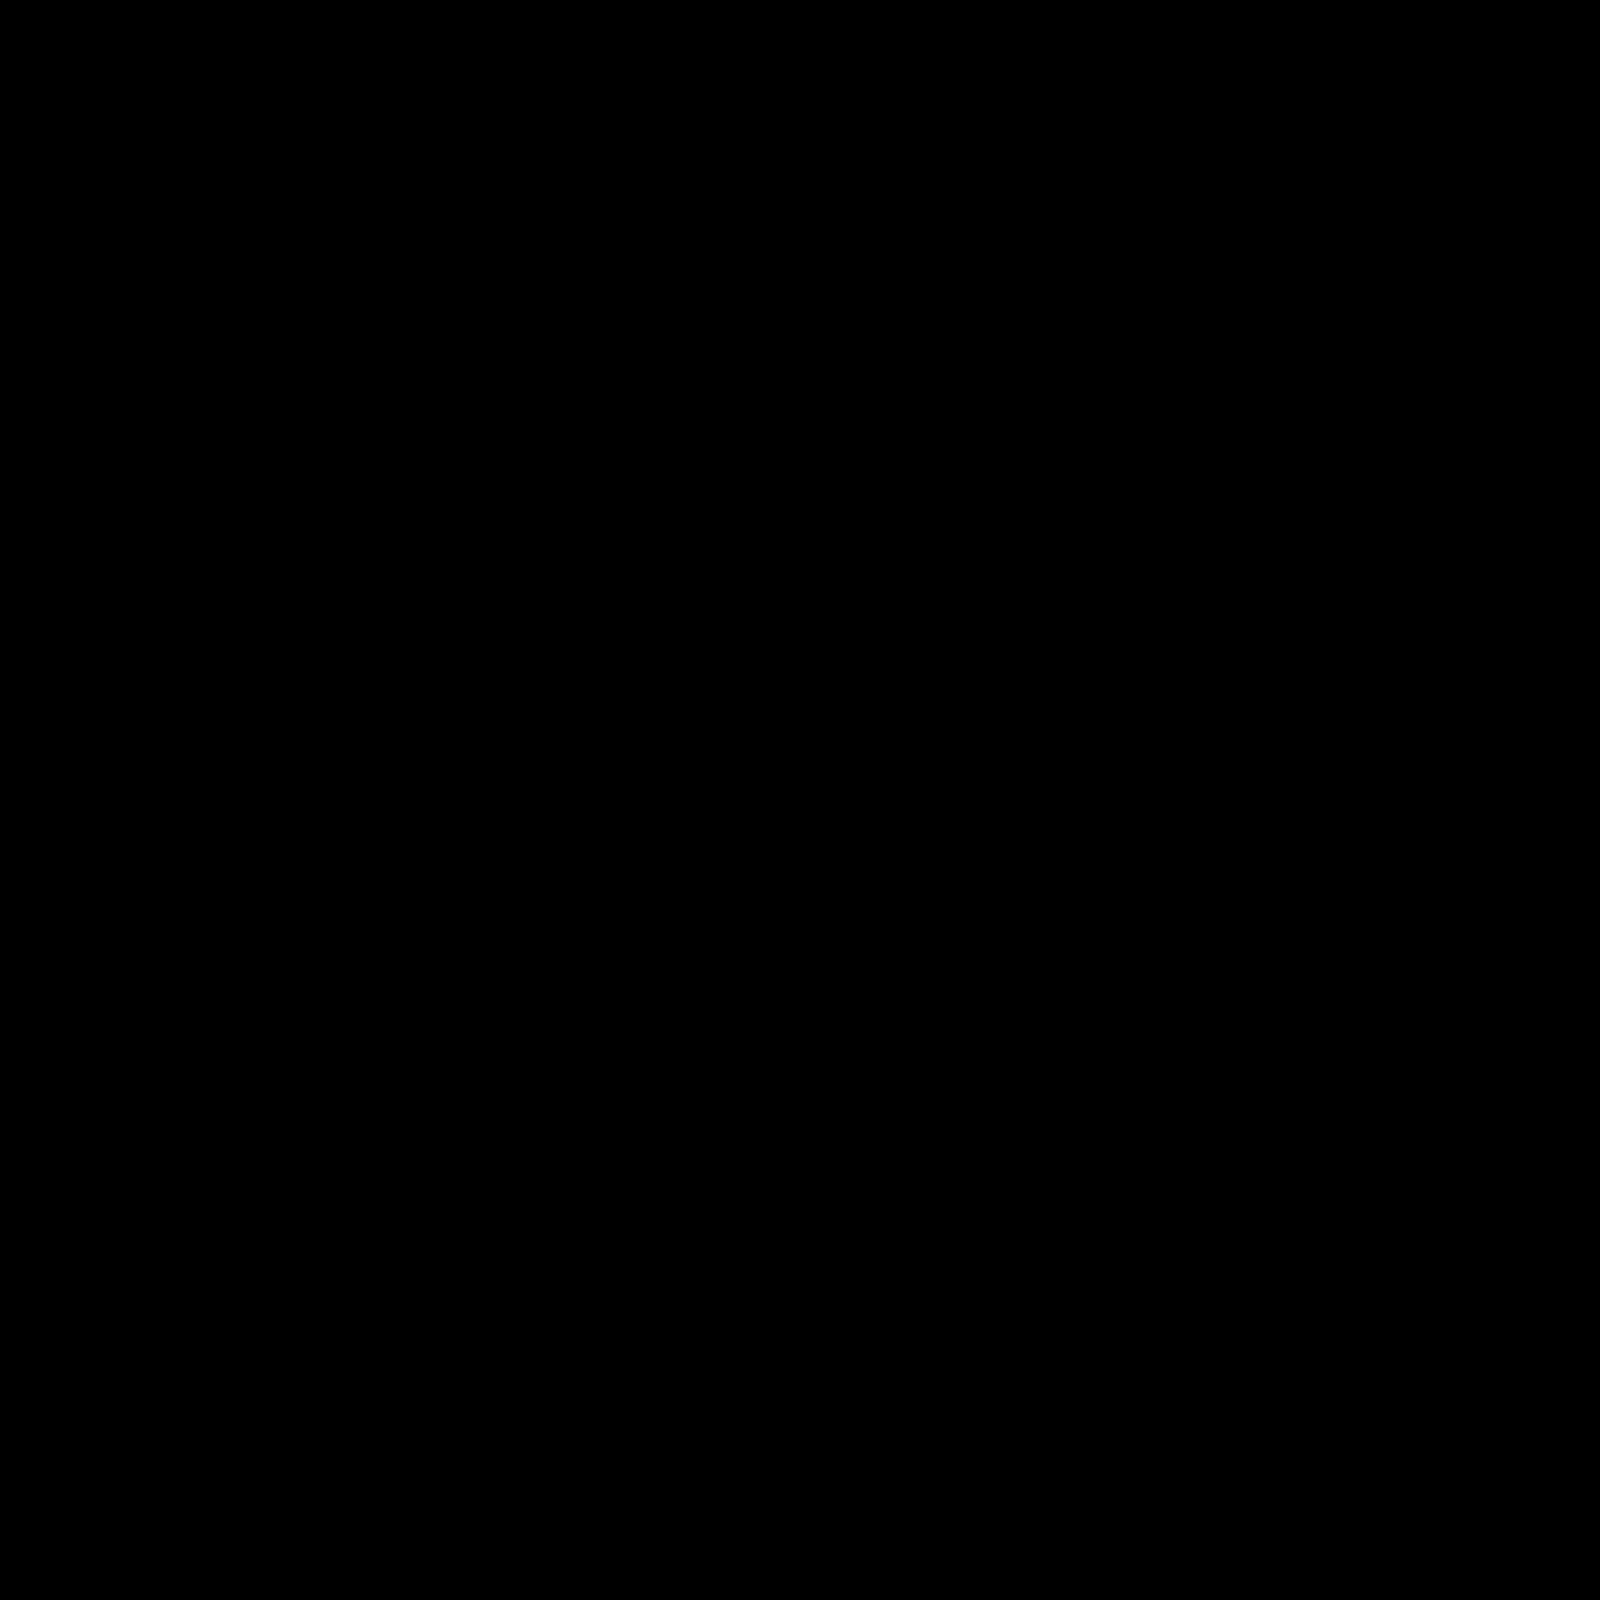 Zszywacz icon